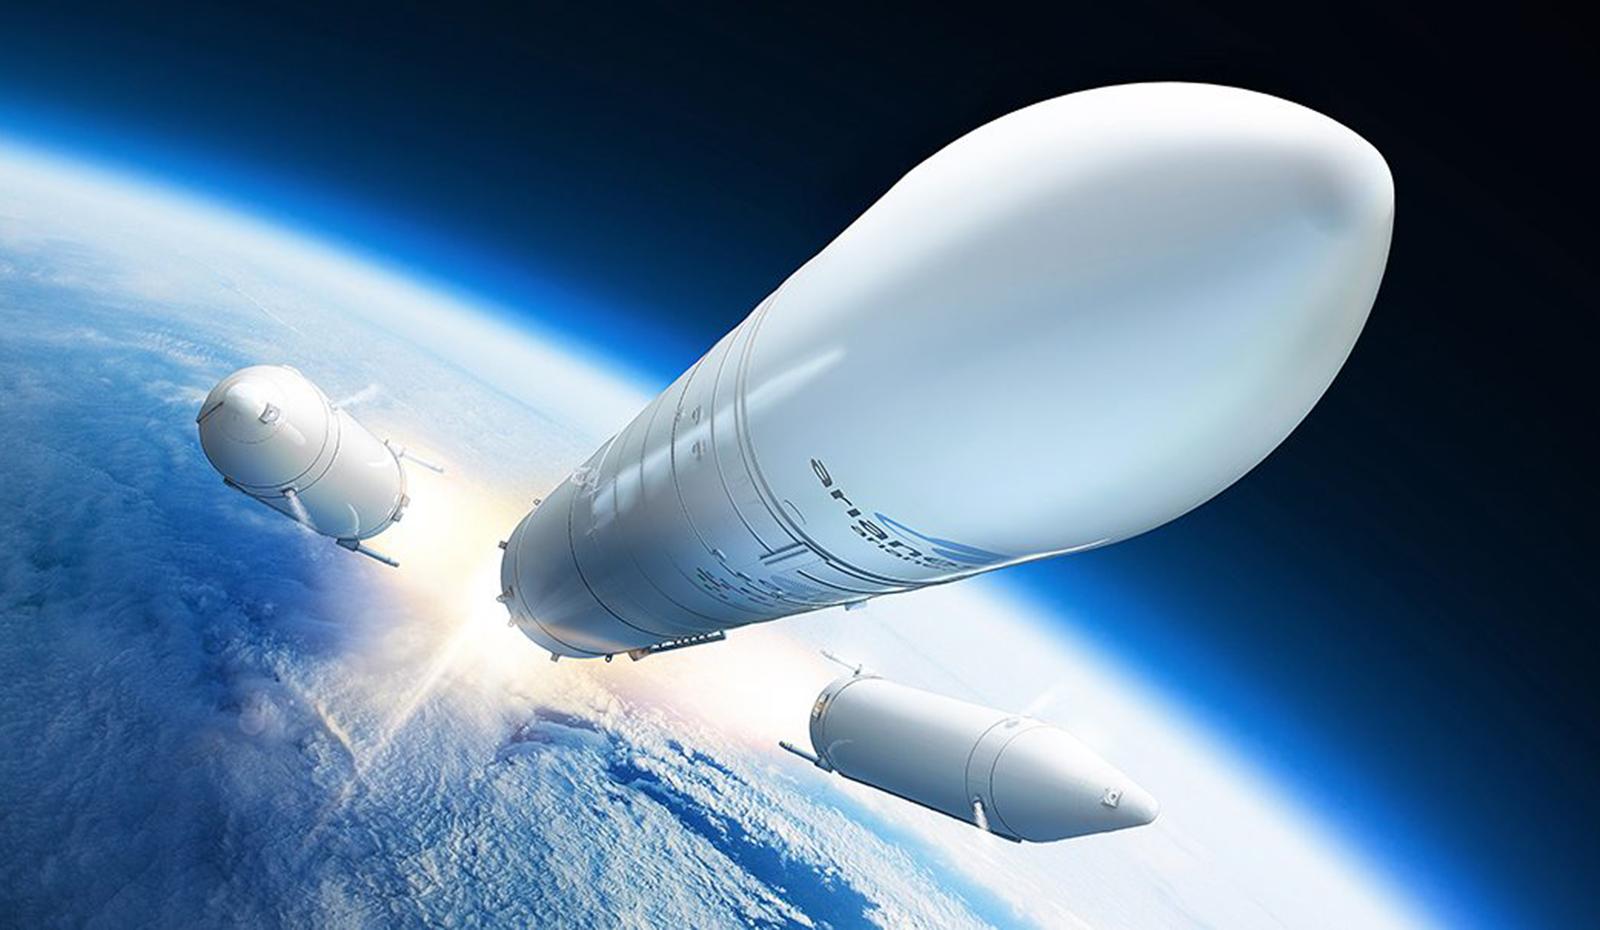 L'Europe commande quatre lancements sur Ariane 6 pour Galileo